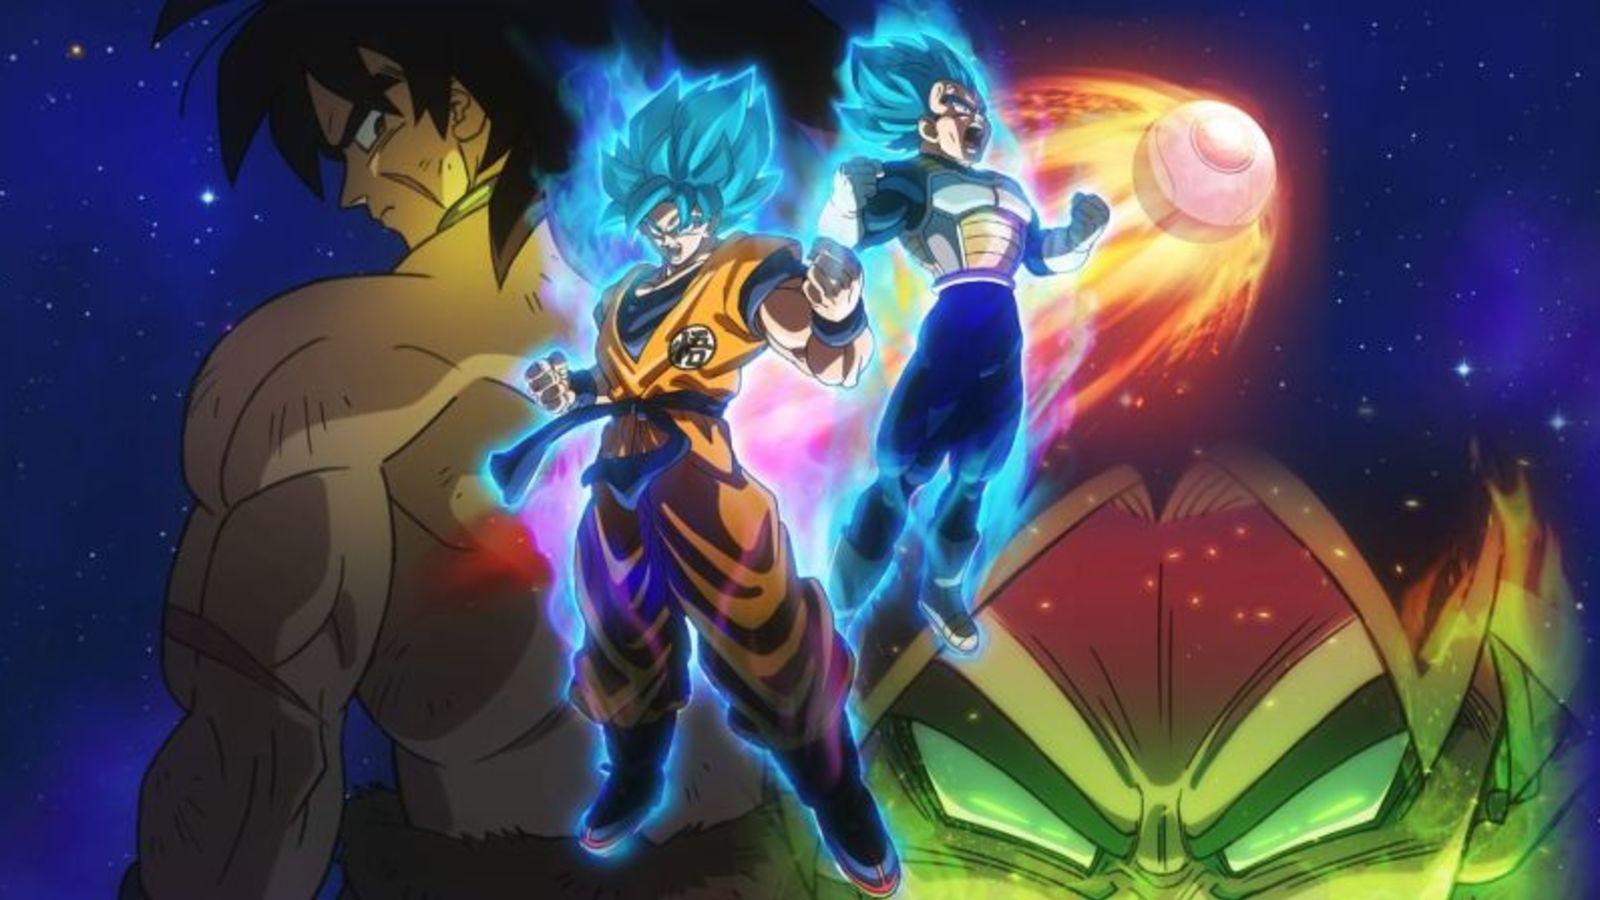 Dragon Ball Super: Broly contará con la aparición de Raditz, Nappa y Gine